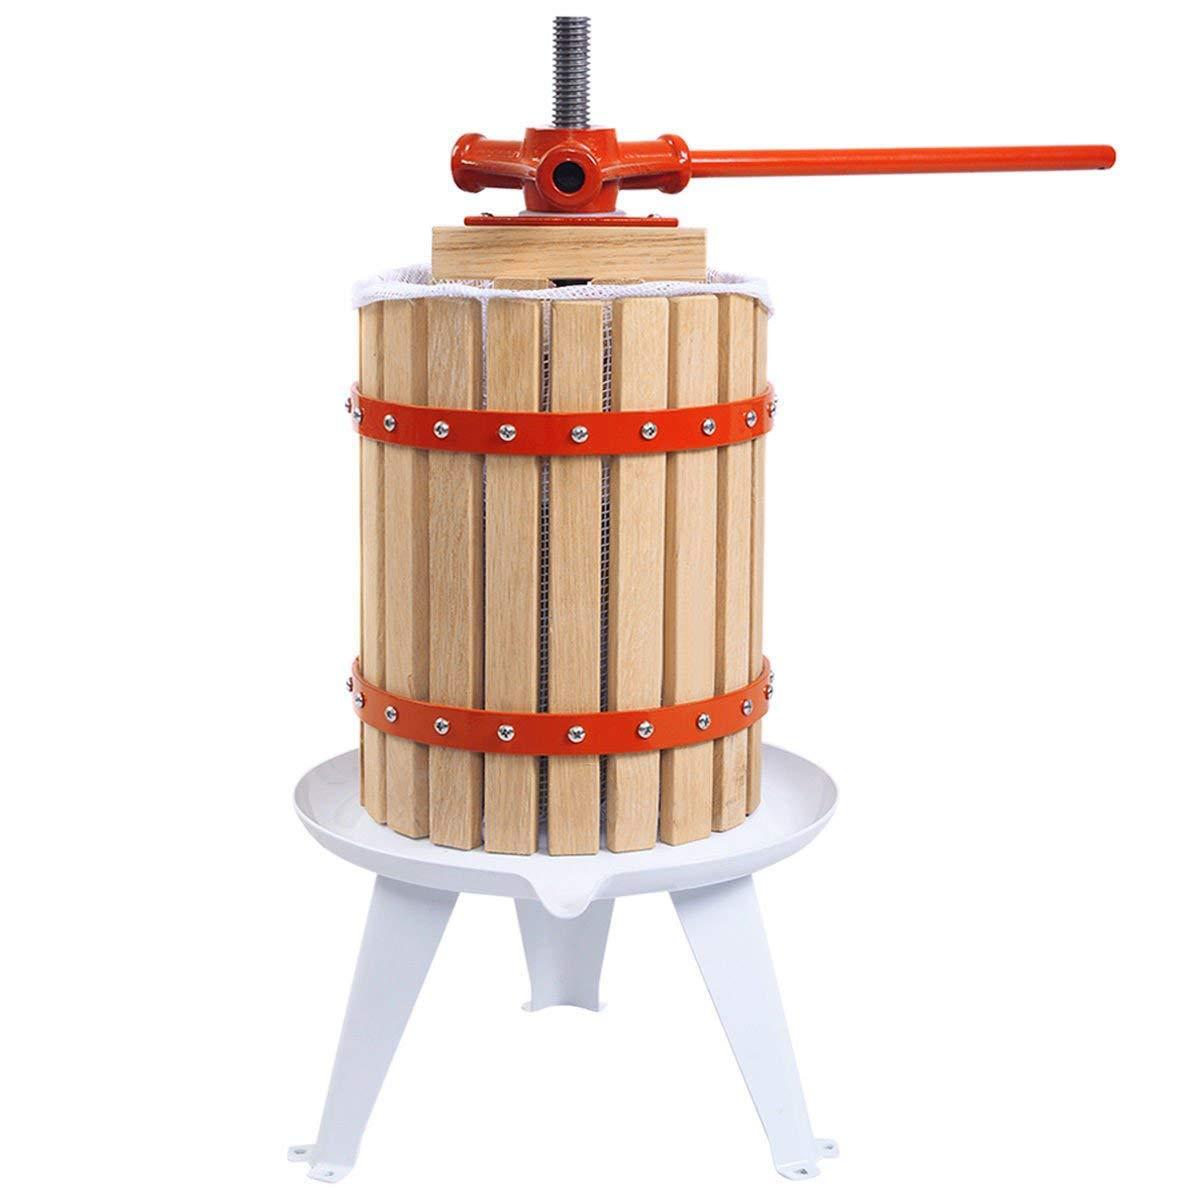 Costzon Fruit Wine Press, 1.6 Gallon /6 Liter Solid Wood Basket, Cider Apple Grape Crusher for Kitchen, Juice Maker